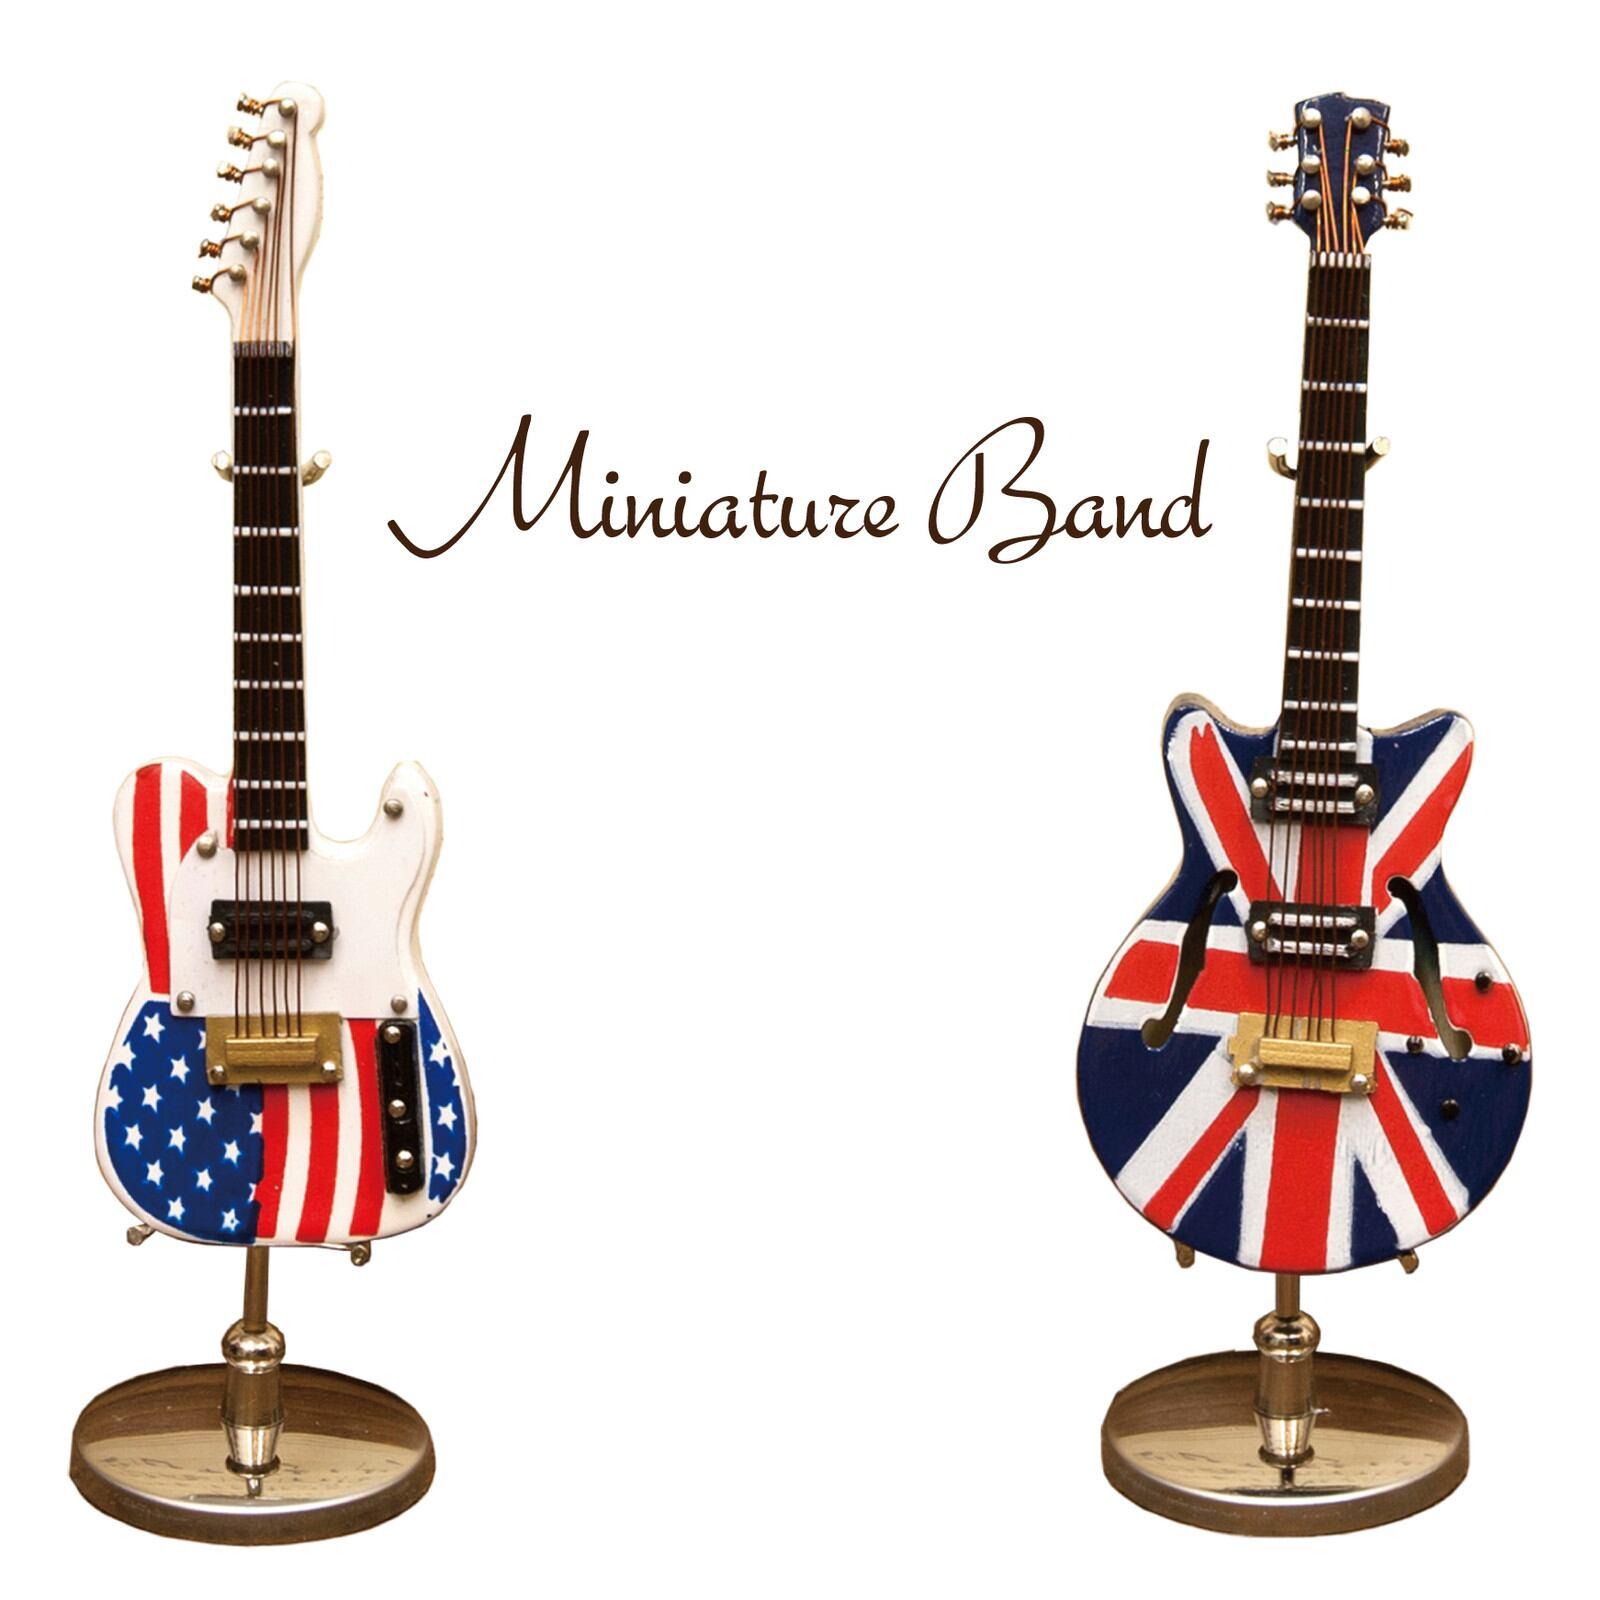 ミニチュアバンド[エレキギター]<アメリカン雑貨>